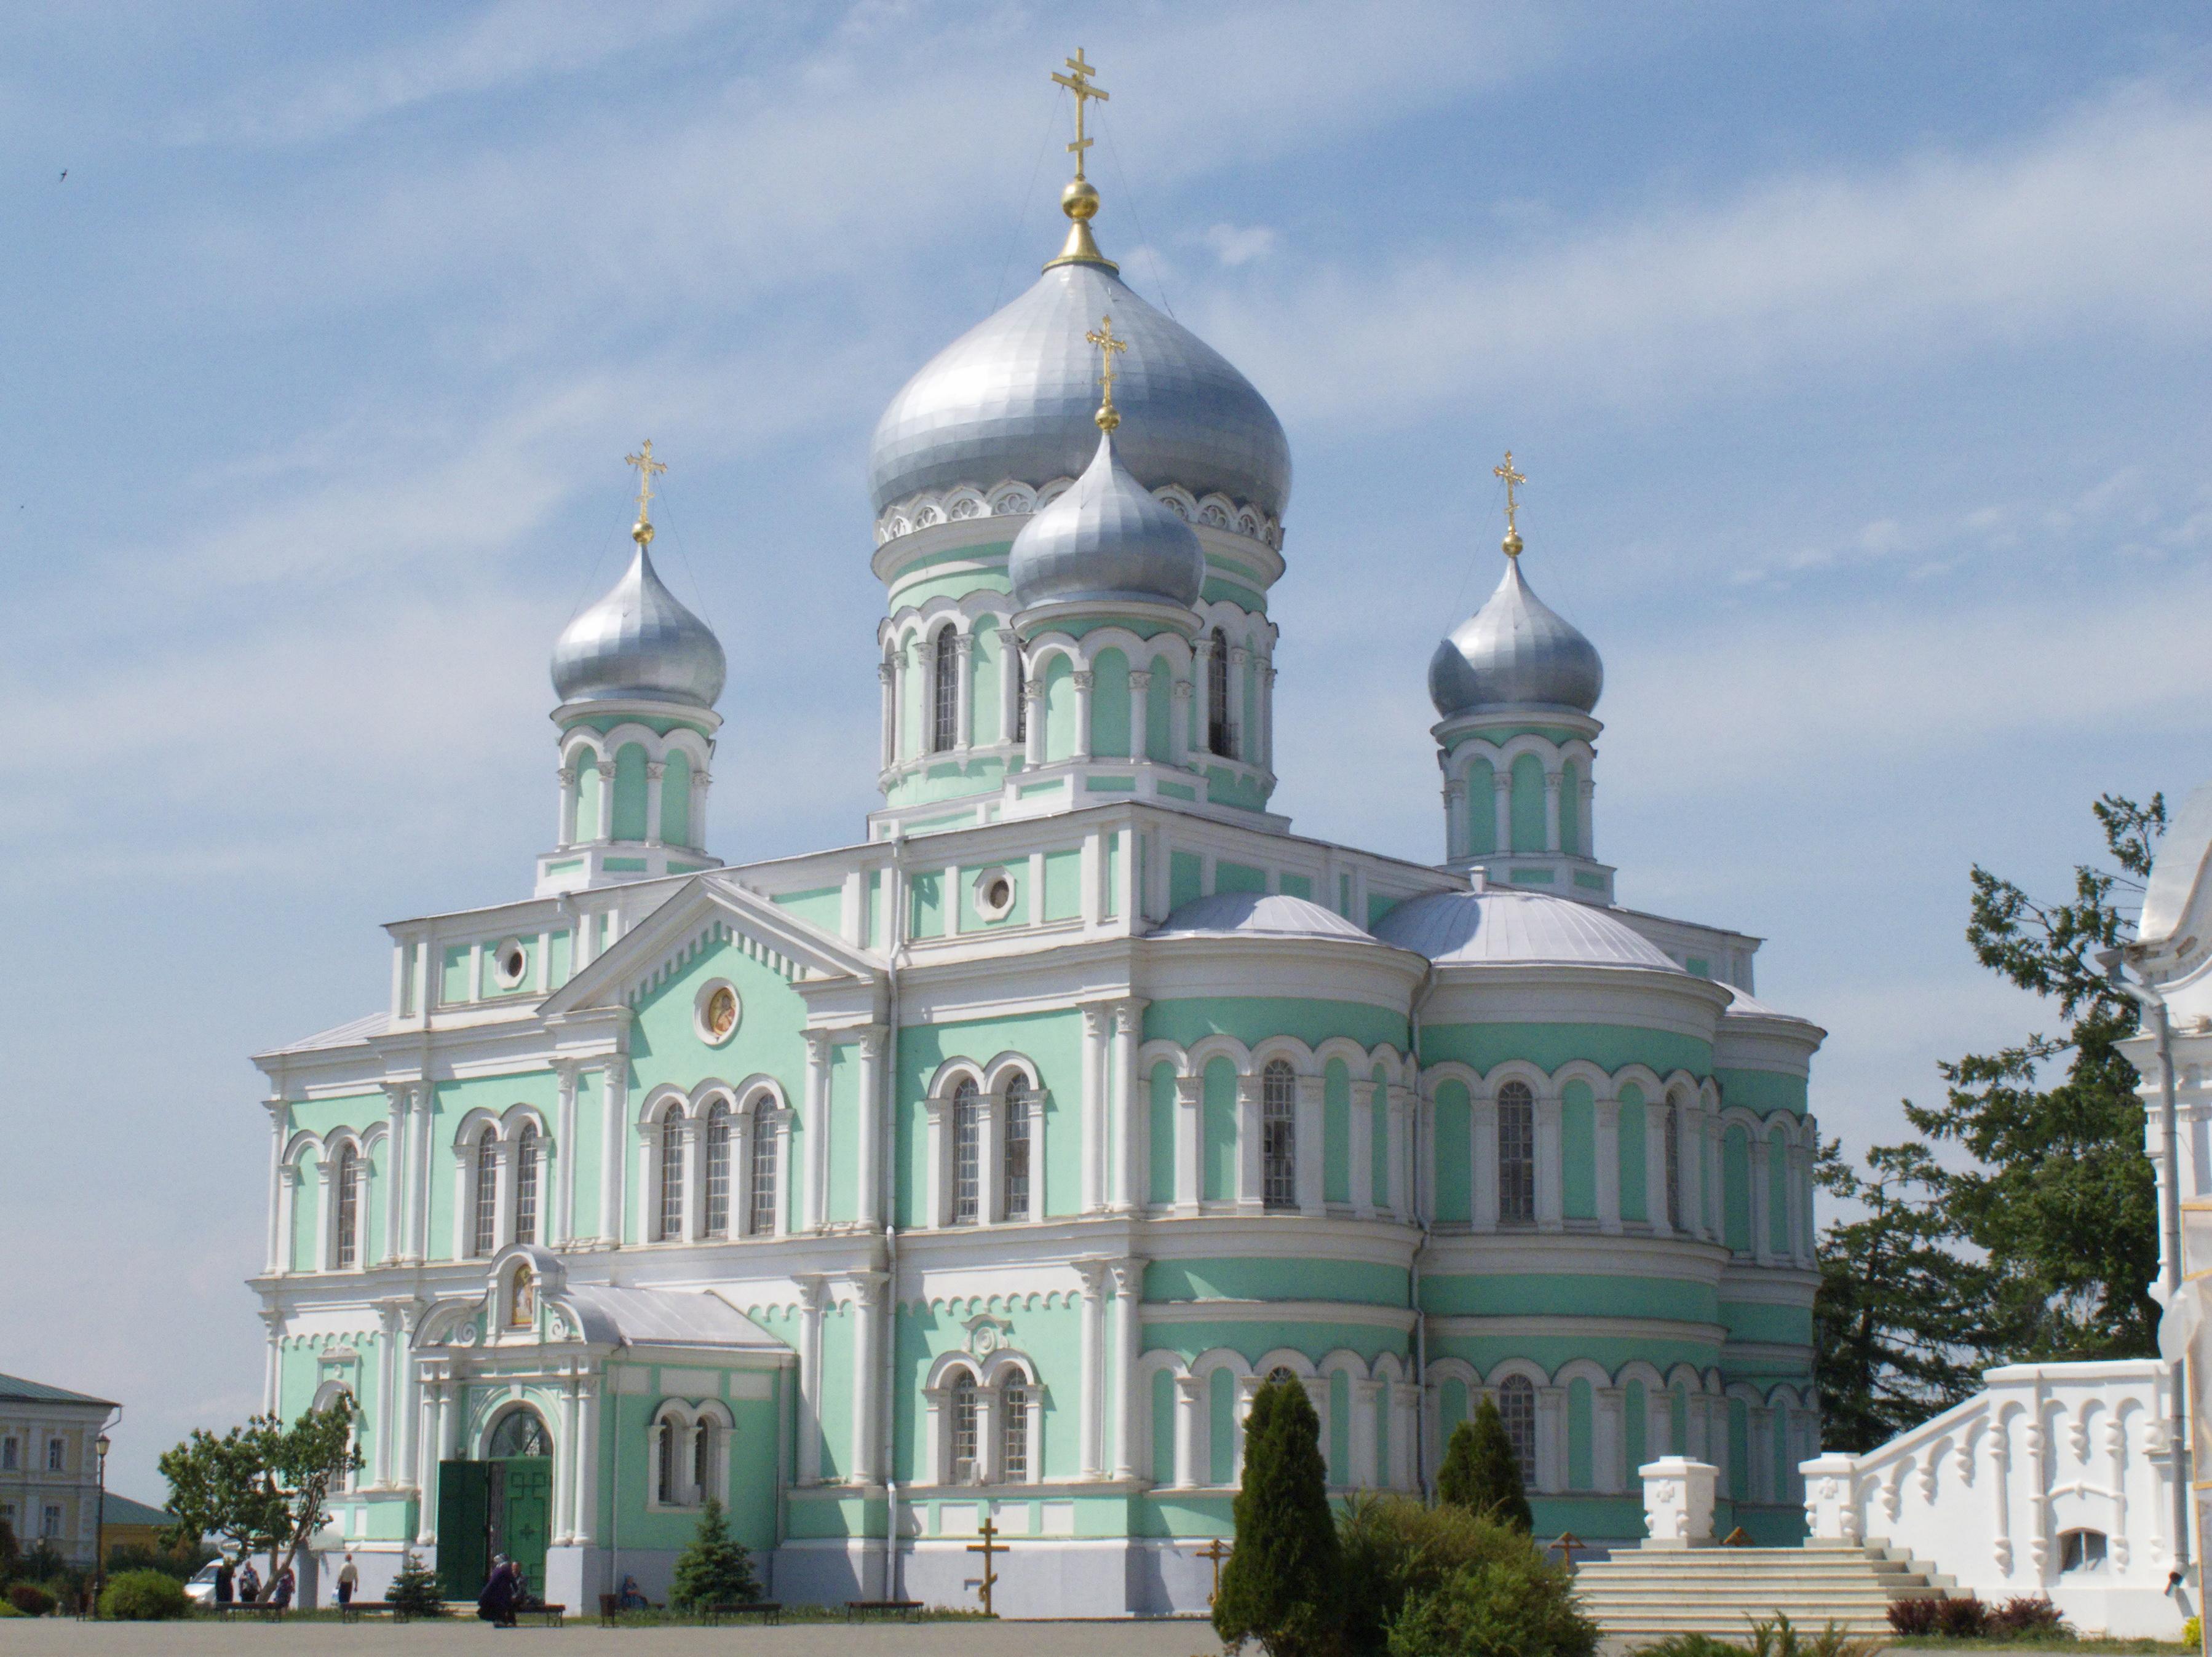 Троицкий собор Серафимо-Дивеевского монастыря, где состоялось вручение Александру Максакову подарка Святейшего Патриарха